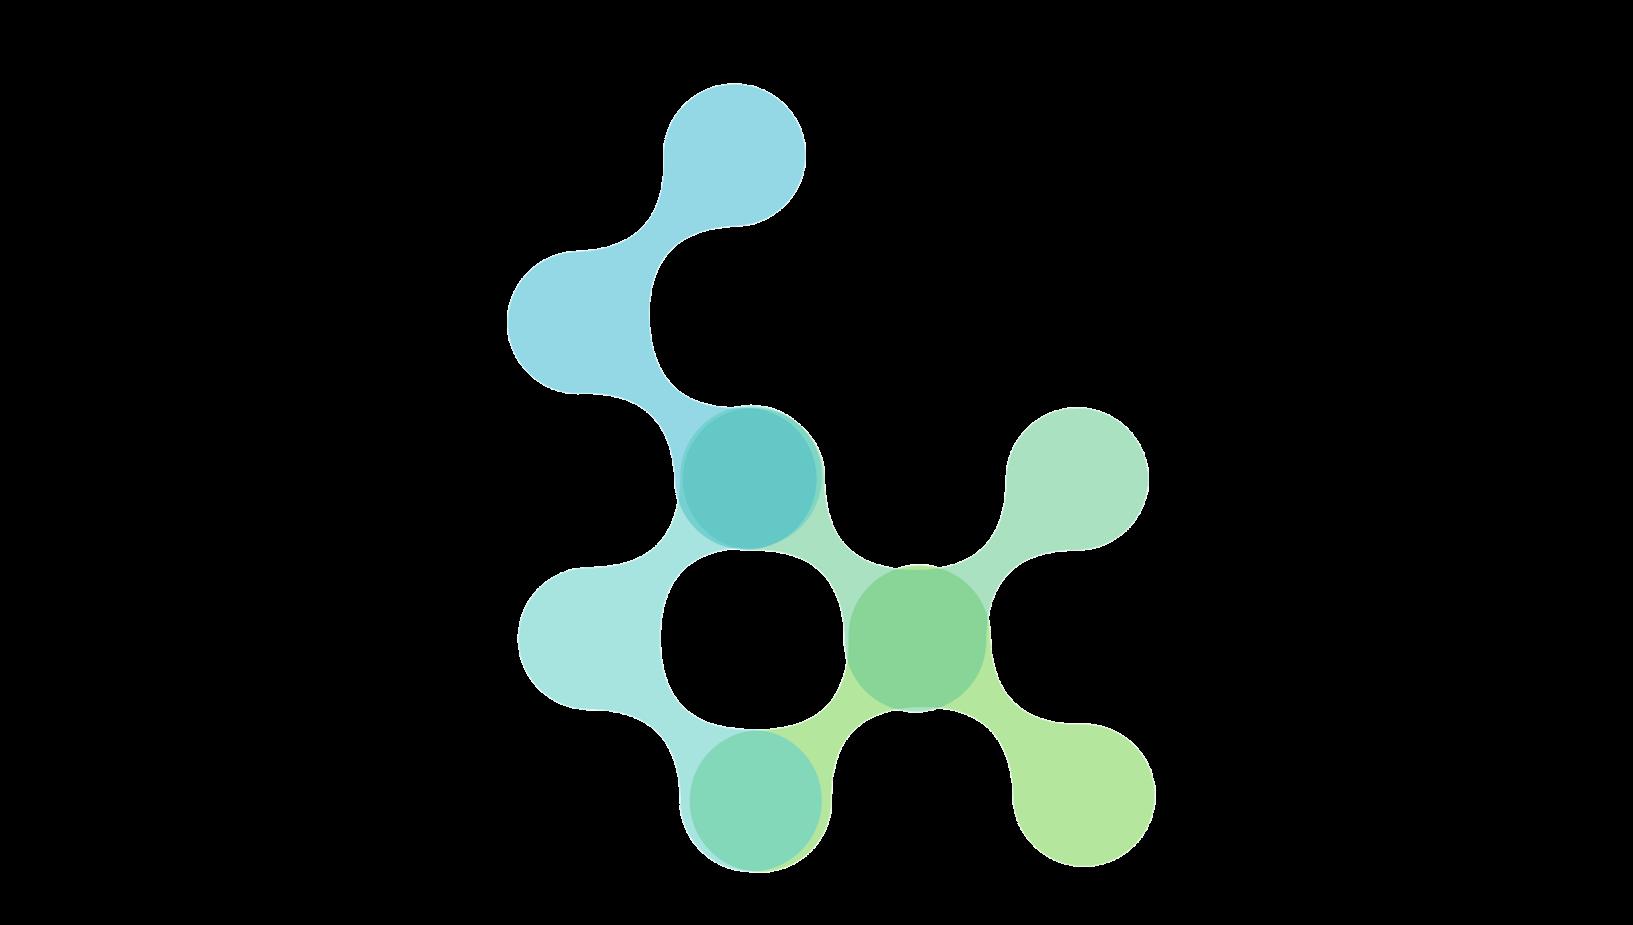 logo_szoveg nelkul-fejlec